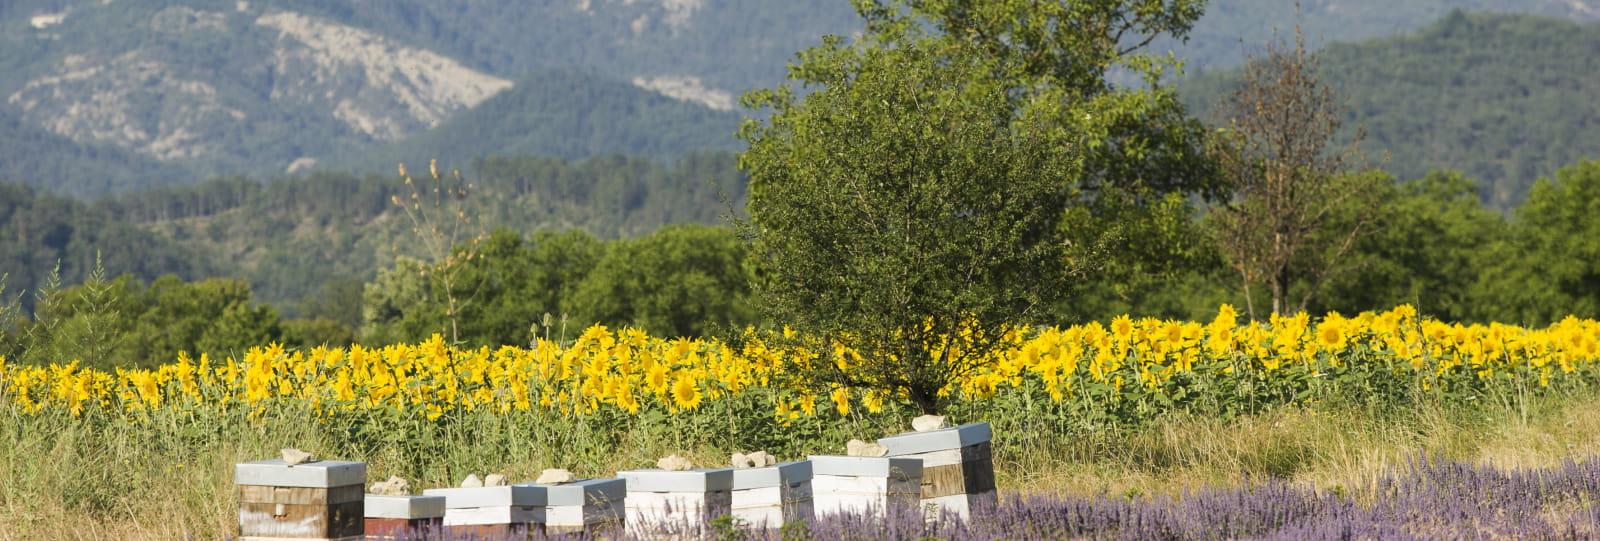 Diois nature et bien-être - ruches et lavande